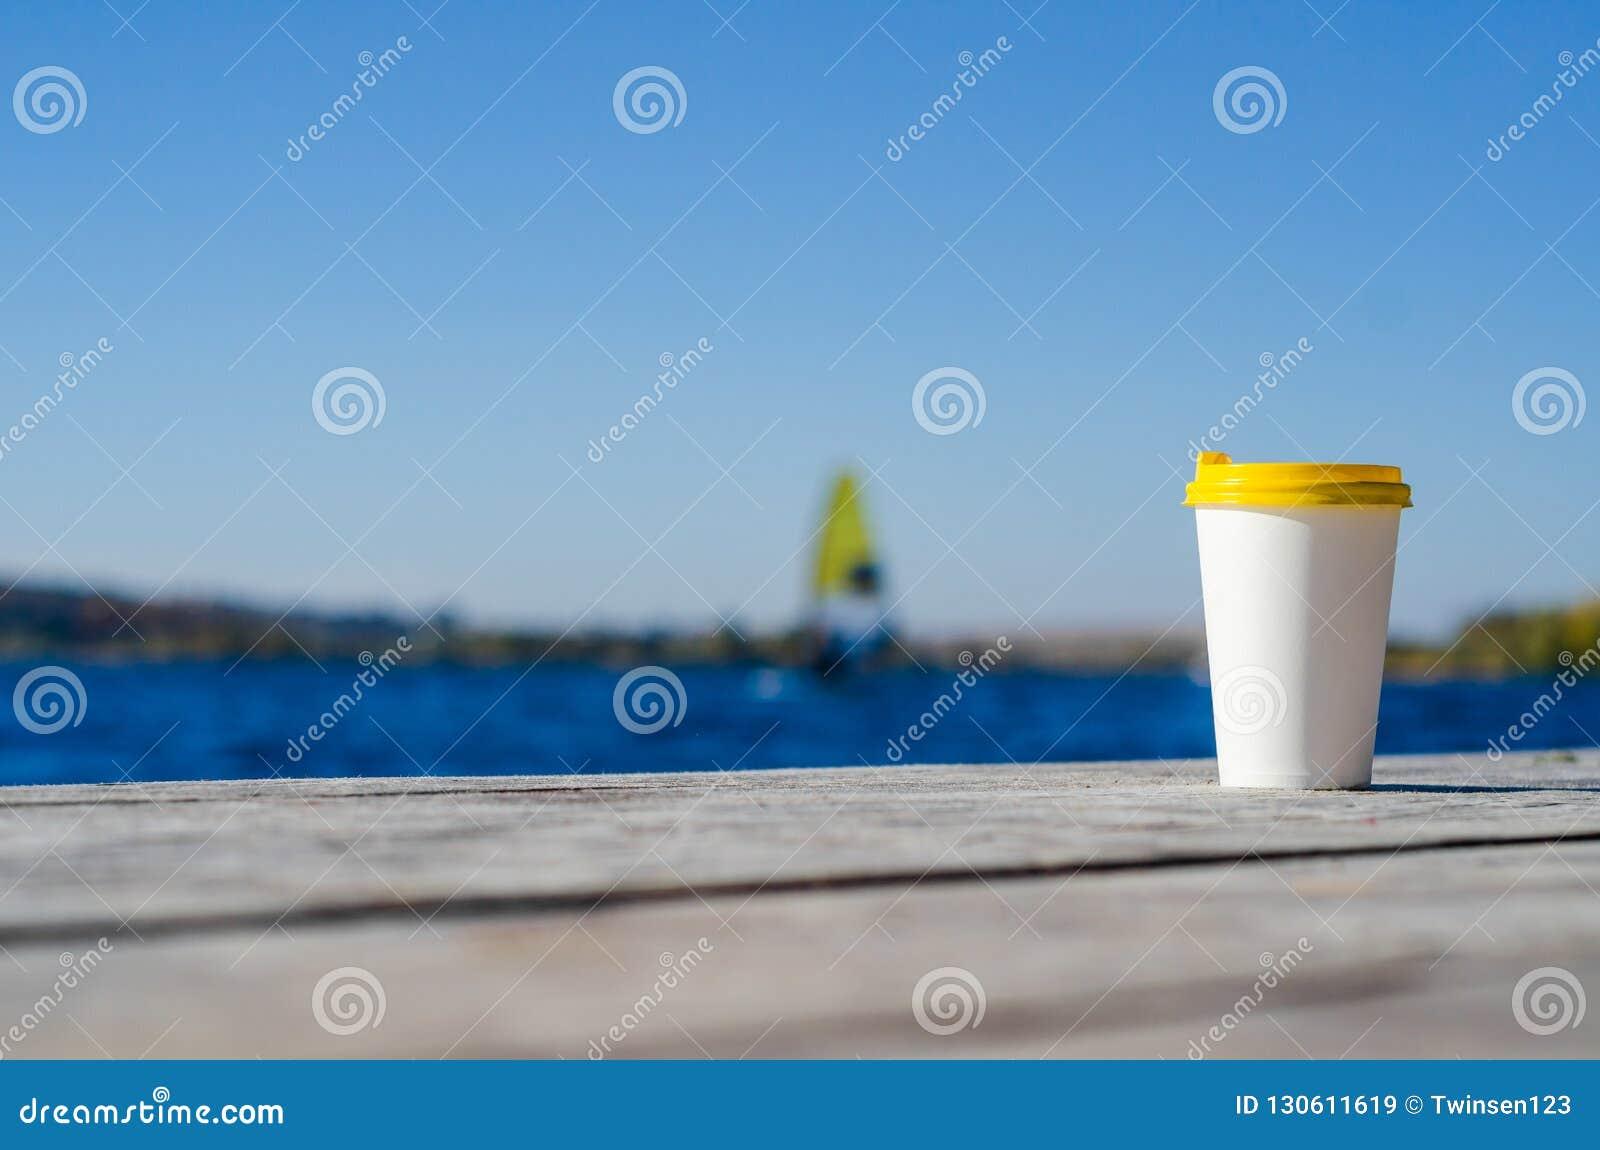 De Witboekkop met een geel plastic deksel bevindt zich op de raad op de kust van het meer